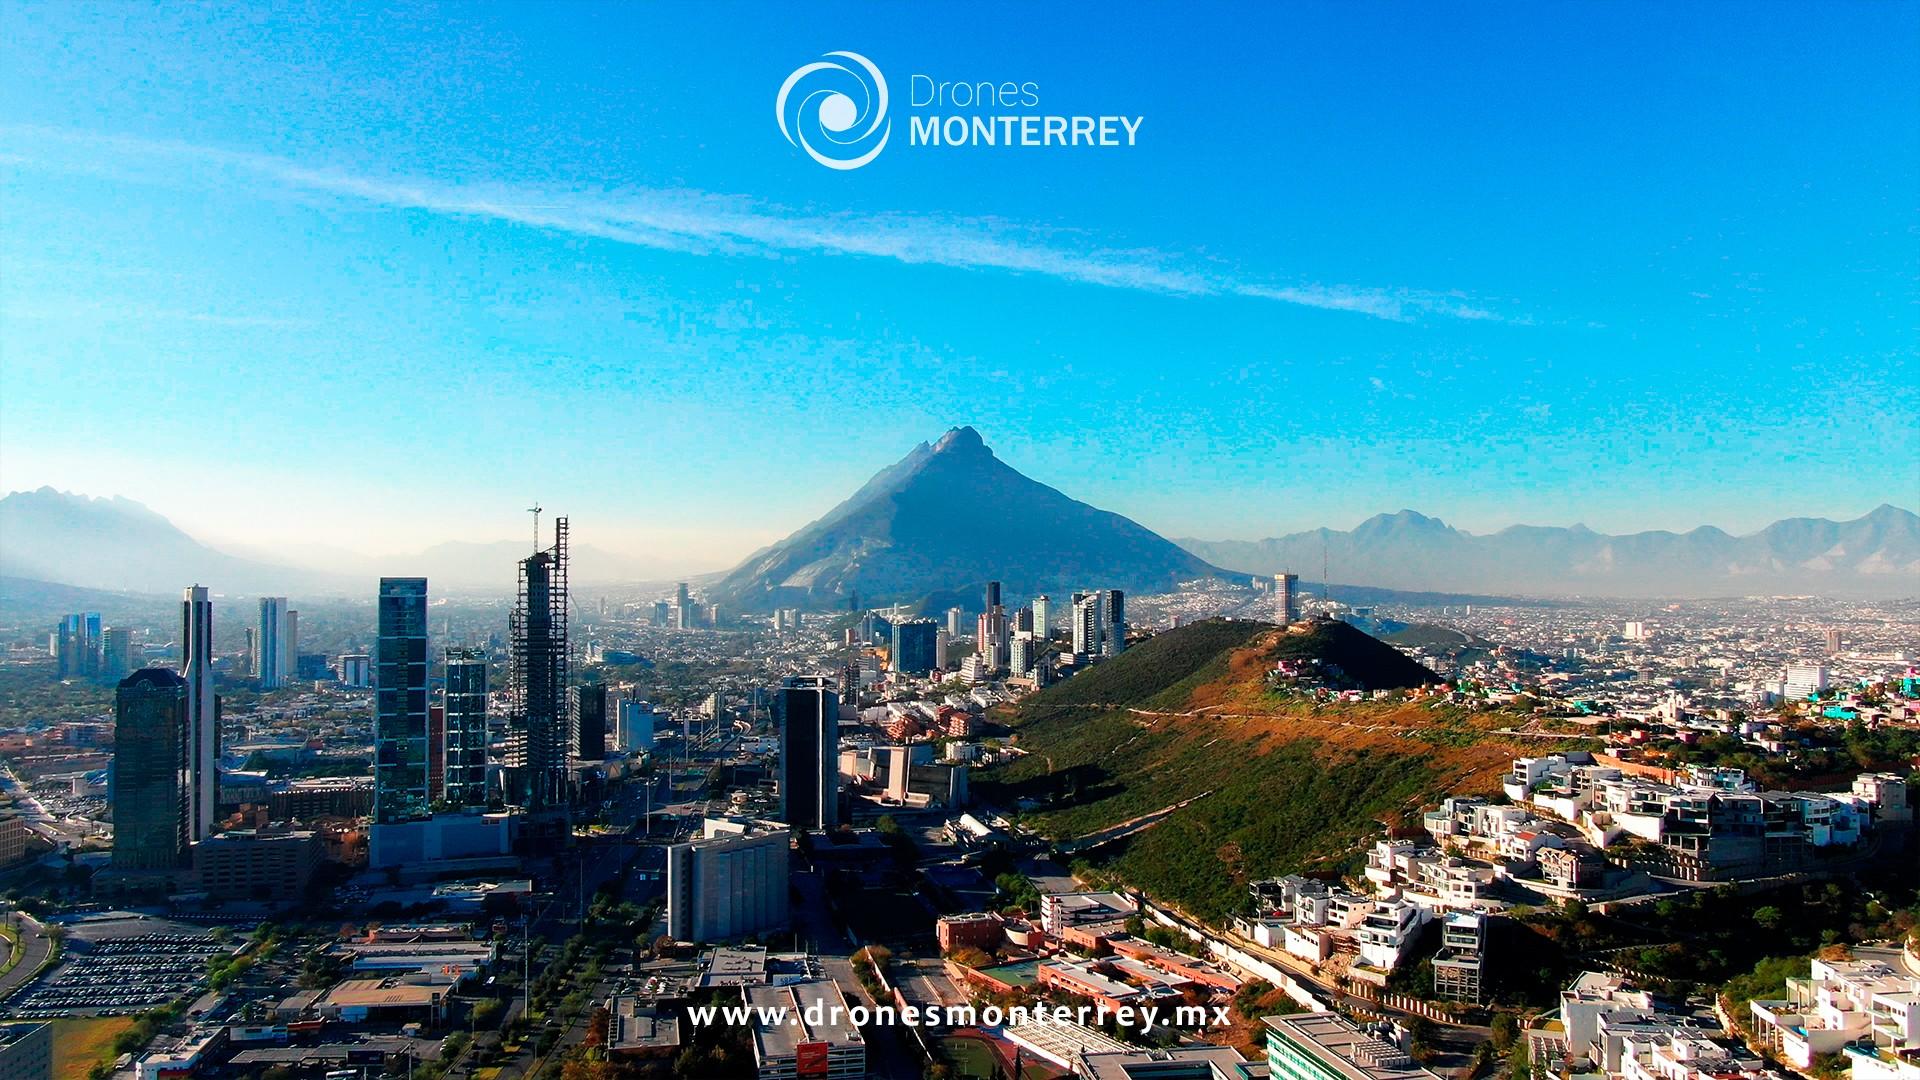 Renta de drones en Monterrey